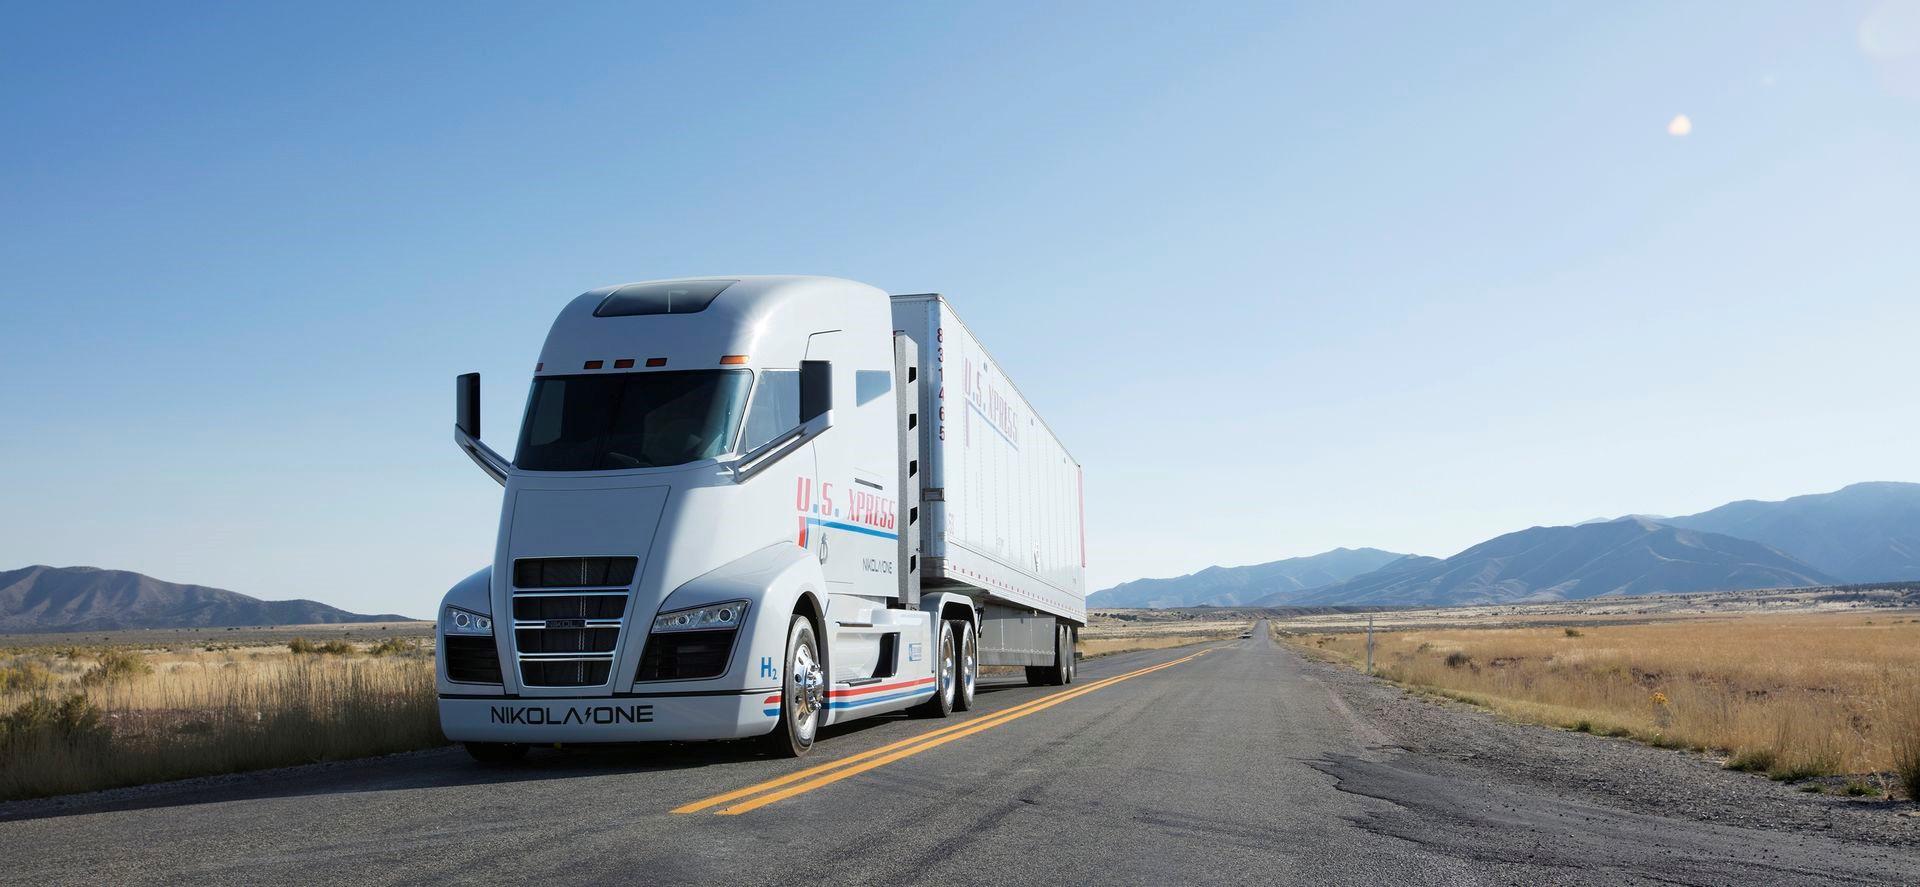 Nikola hybrid truck 2k foto